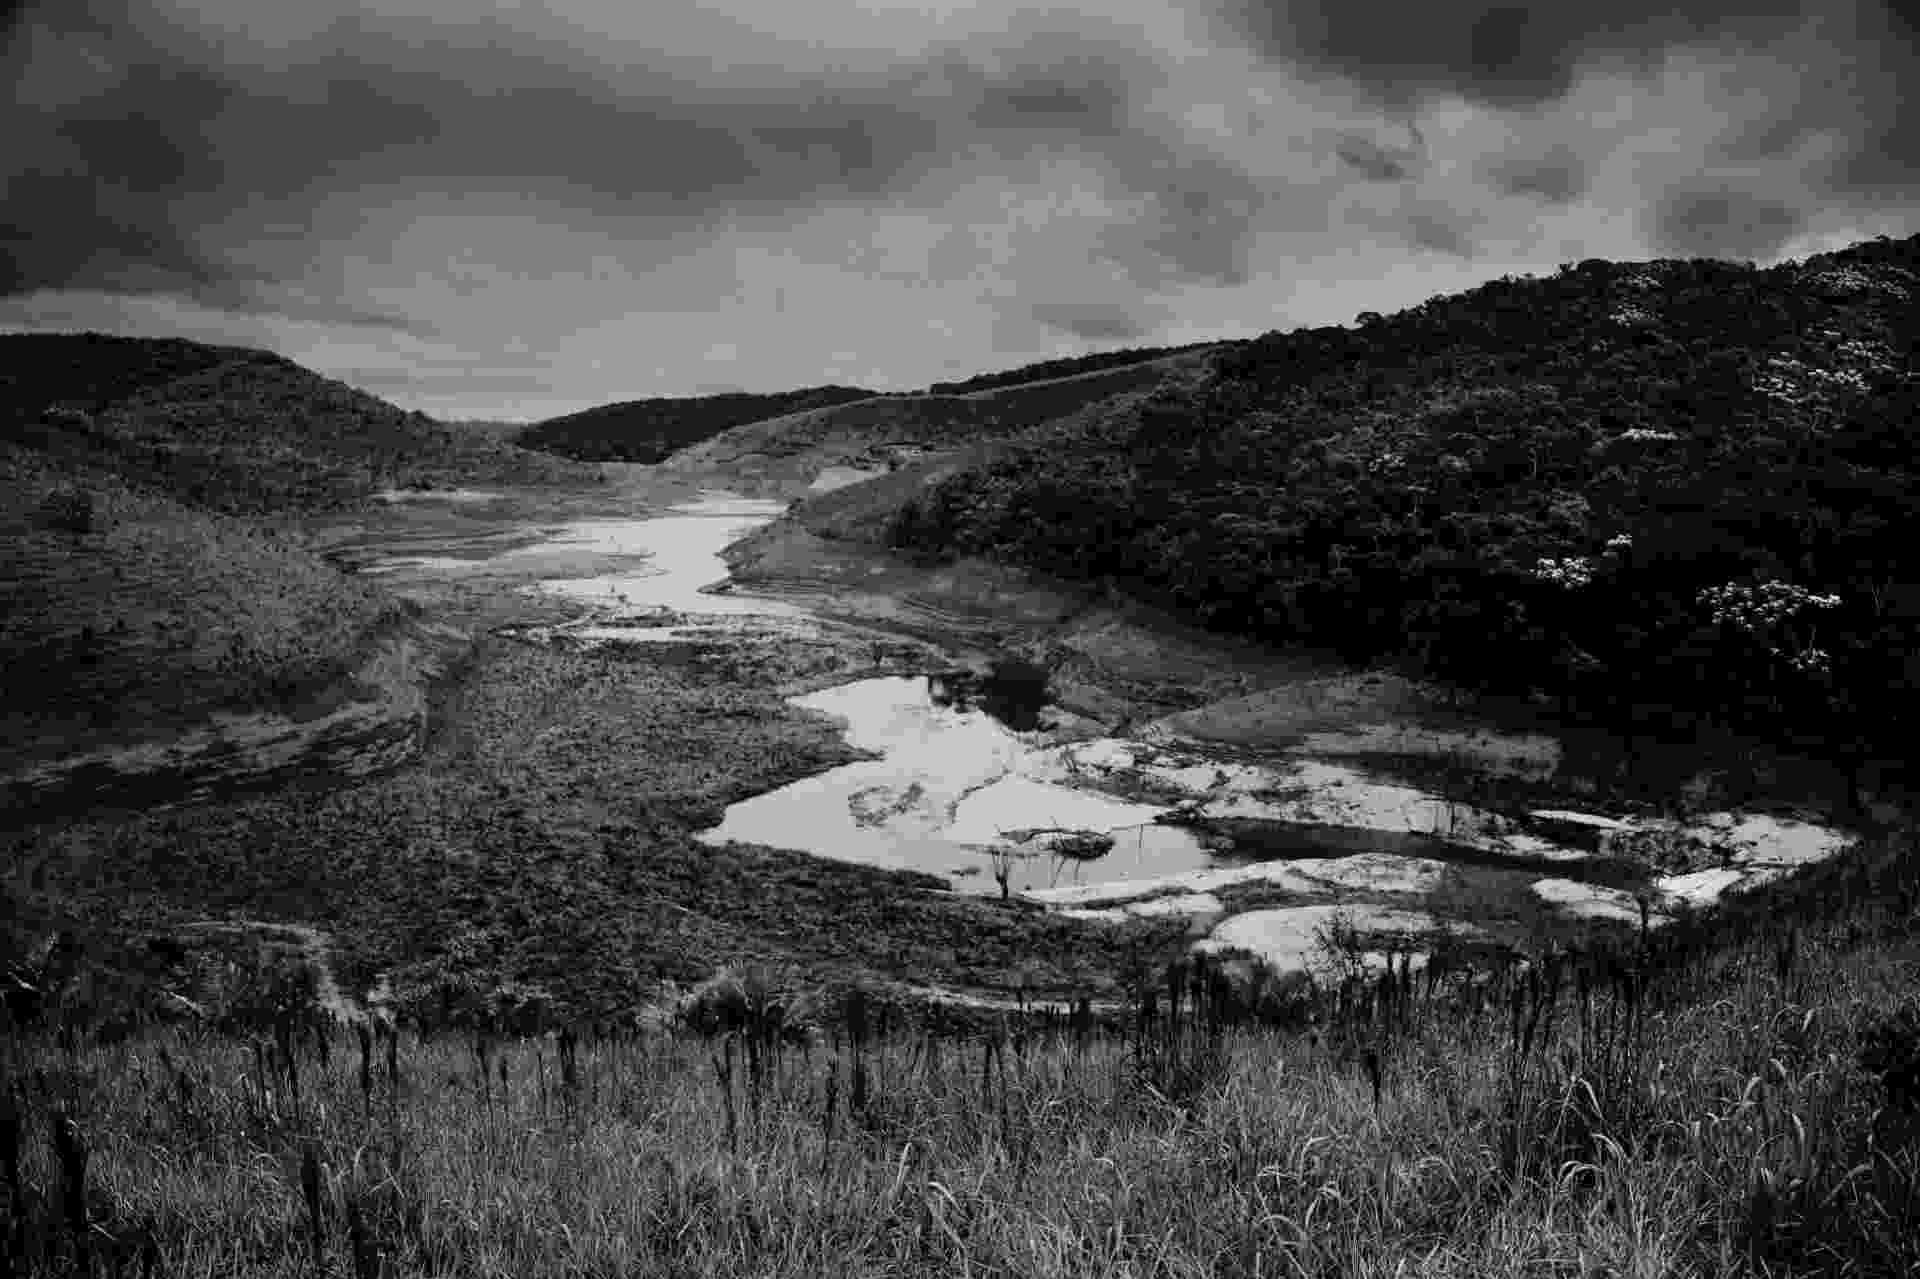 4.ago.2015 - A represa de Paraibuna, no Vale do Paraíba do Sul (RJ), está com cerca de 6% de sua capacidade - Zé Gabriel/ Greenpeace